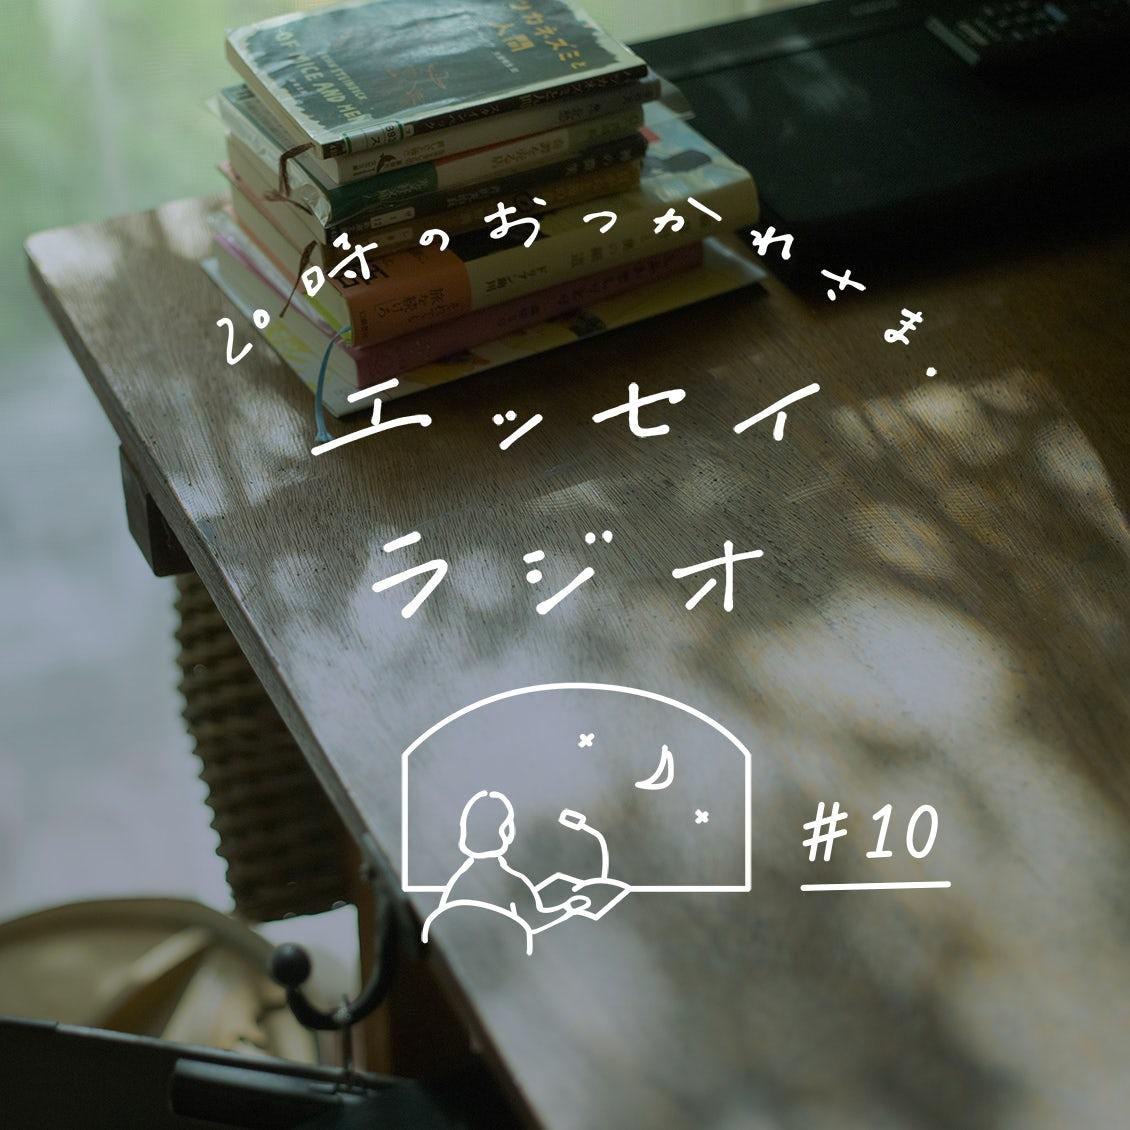 【エッセイラジオ】第10夜:山本ふみこさんのエッセイ「練習」(読み手:スタッフ齋藤)